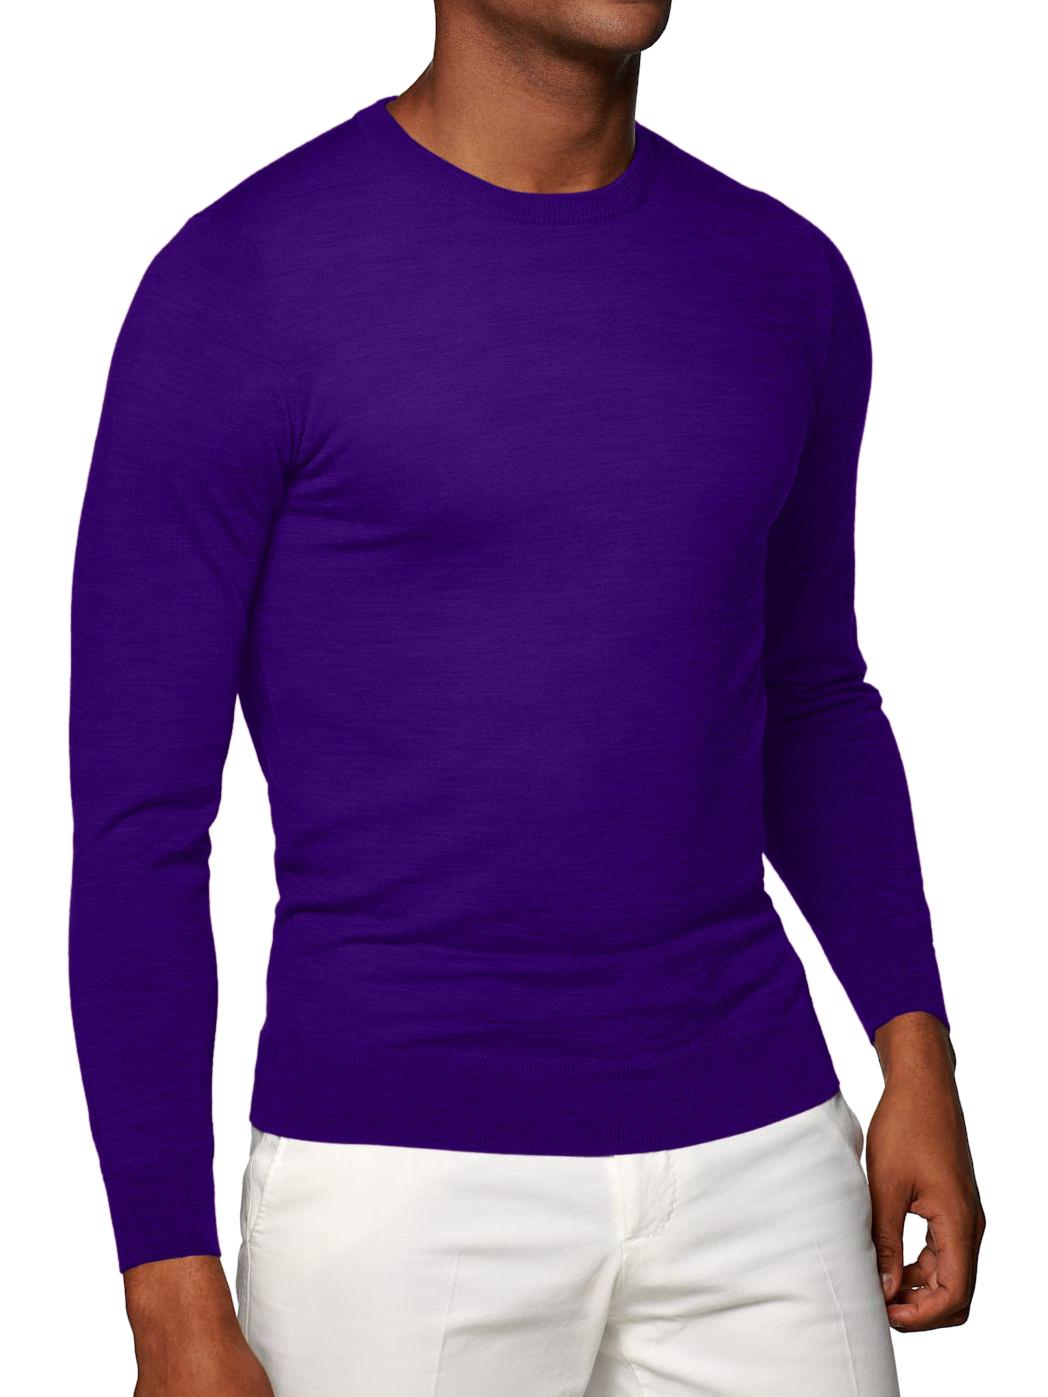 Eggplant Merino Wool Crew Neck Sweater